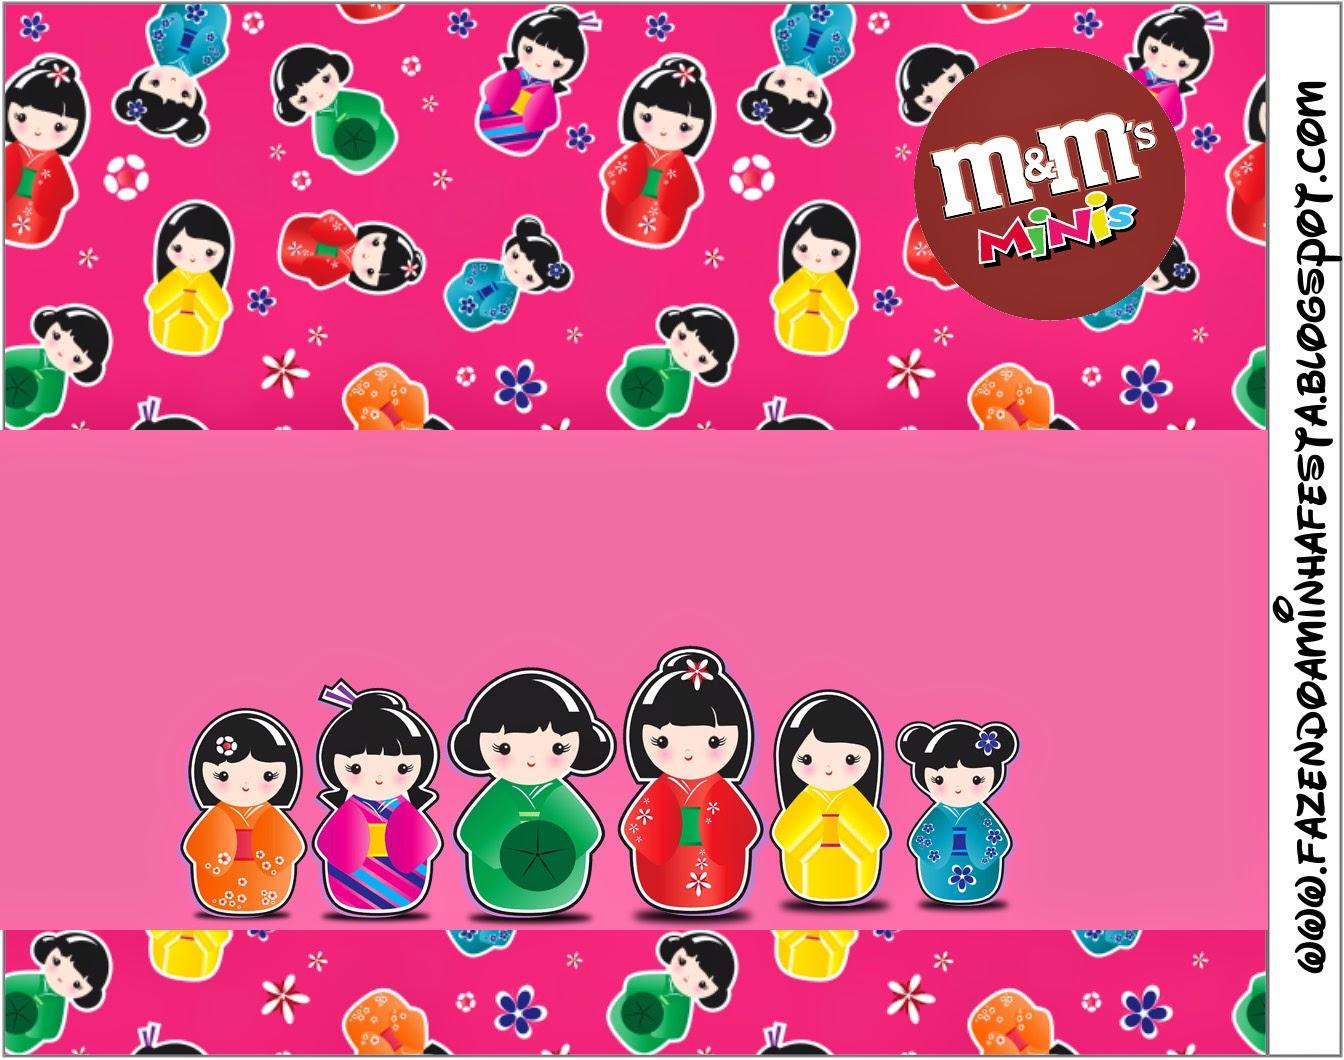 Etiqueta M&M para Imprimir Gratis de Matrioshkas.